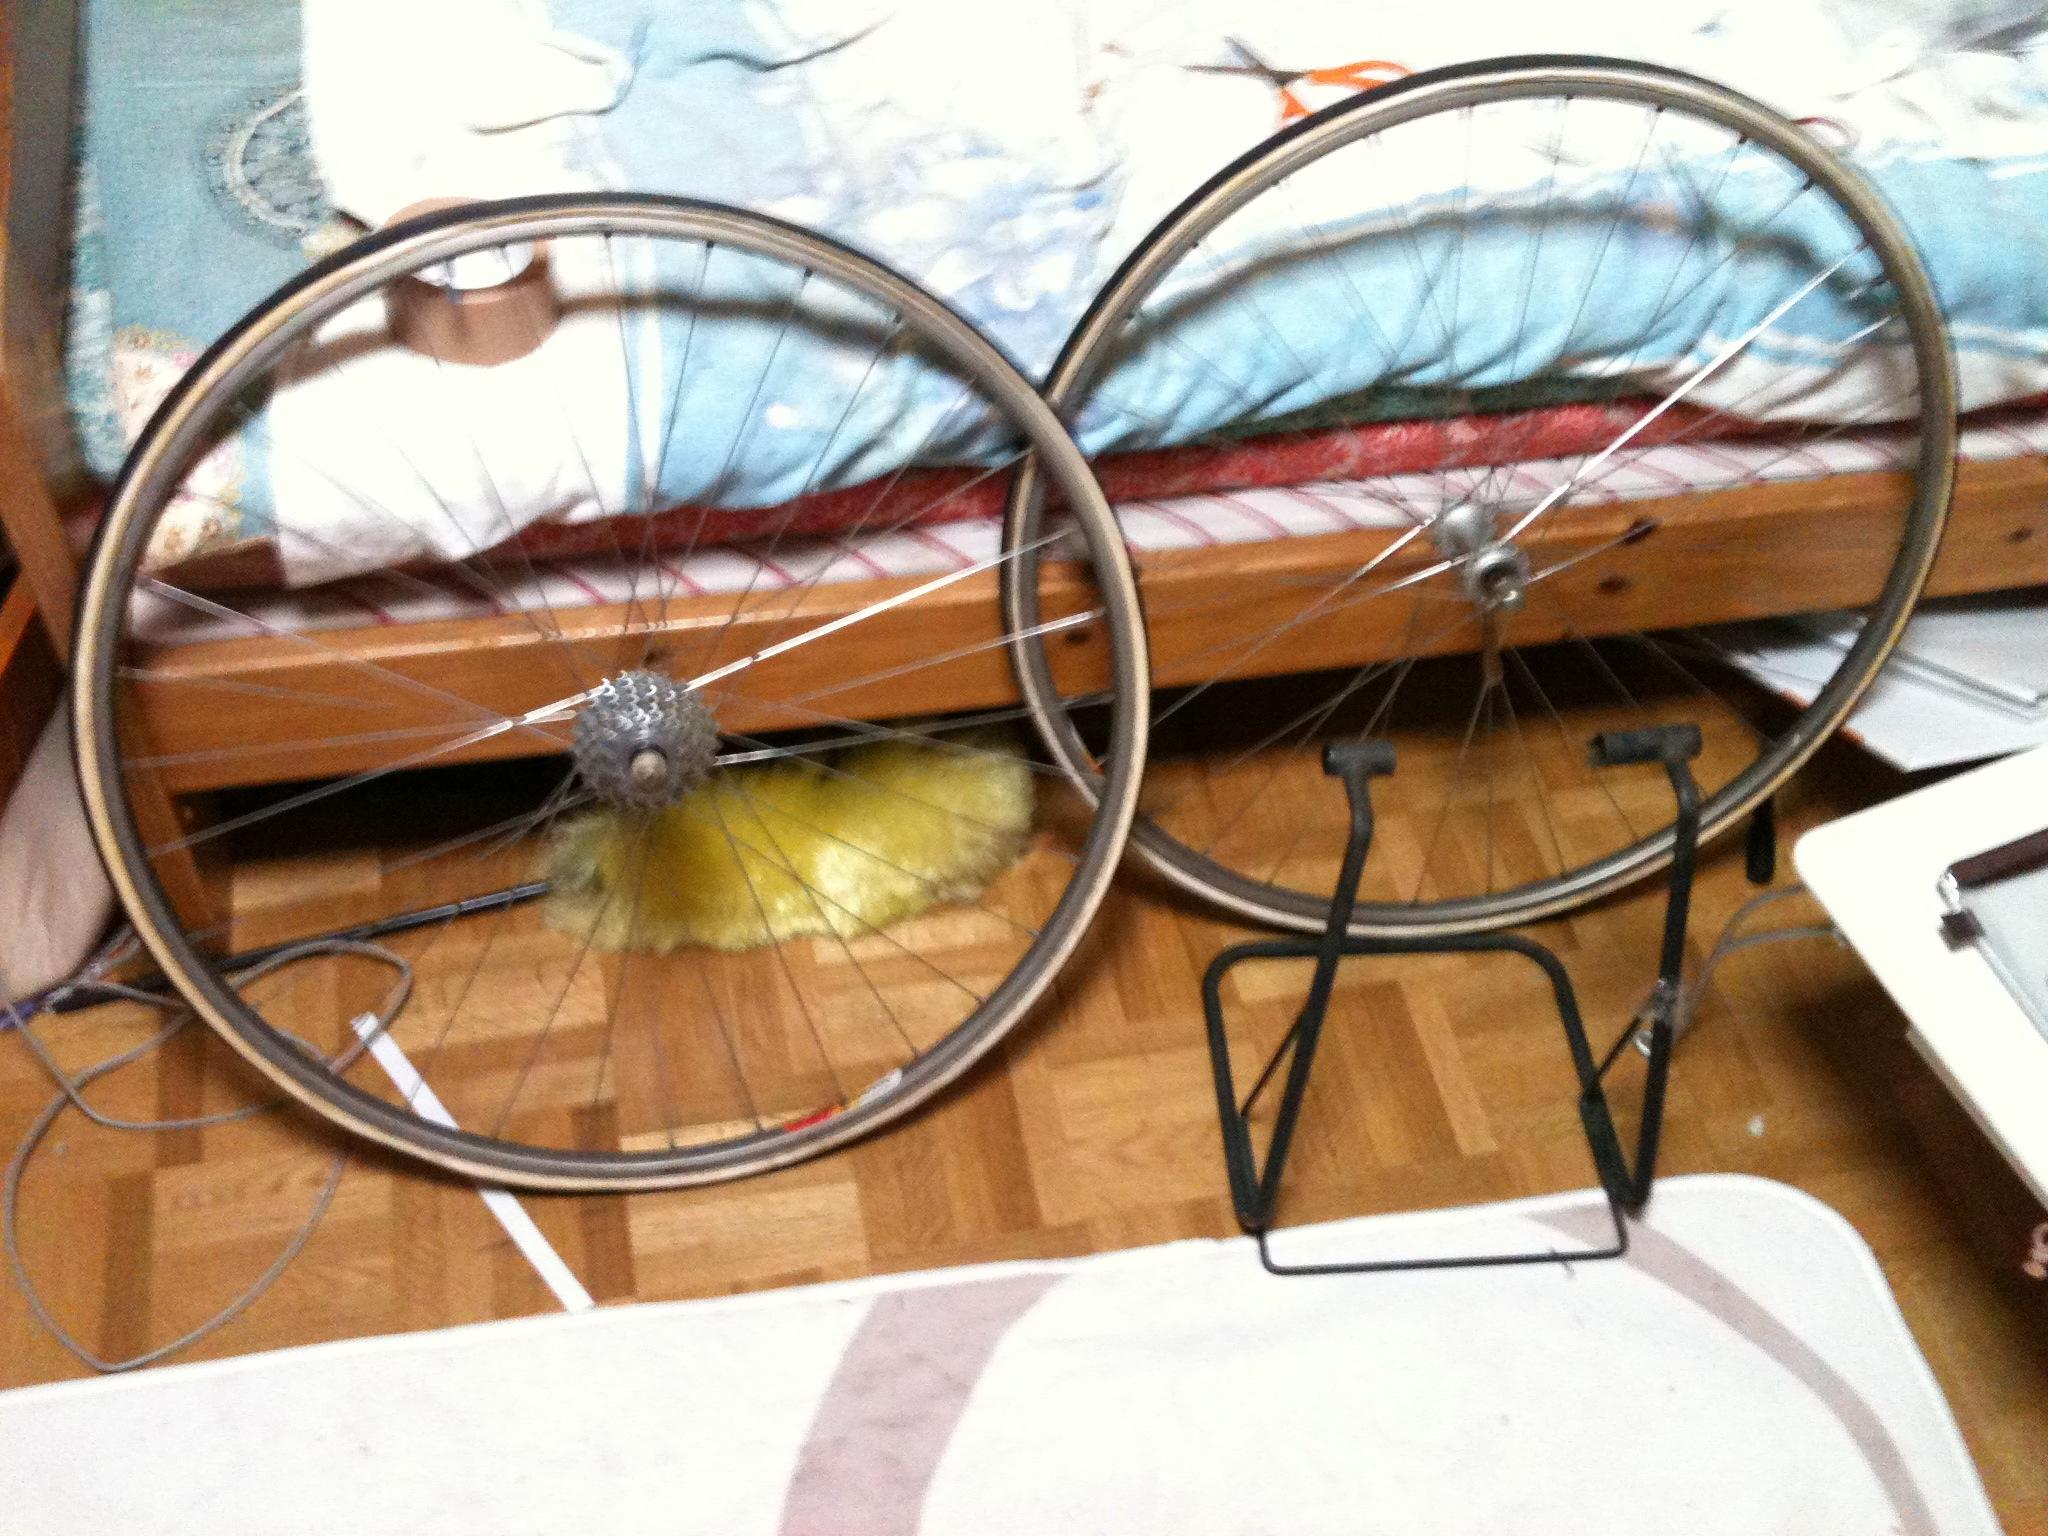 自転車の 自転車 チェーン サビ 油 : クロモリロードレーサー分解 ...